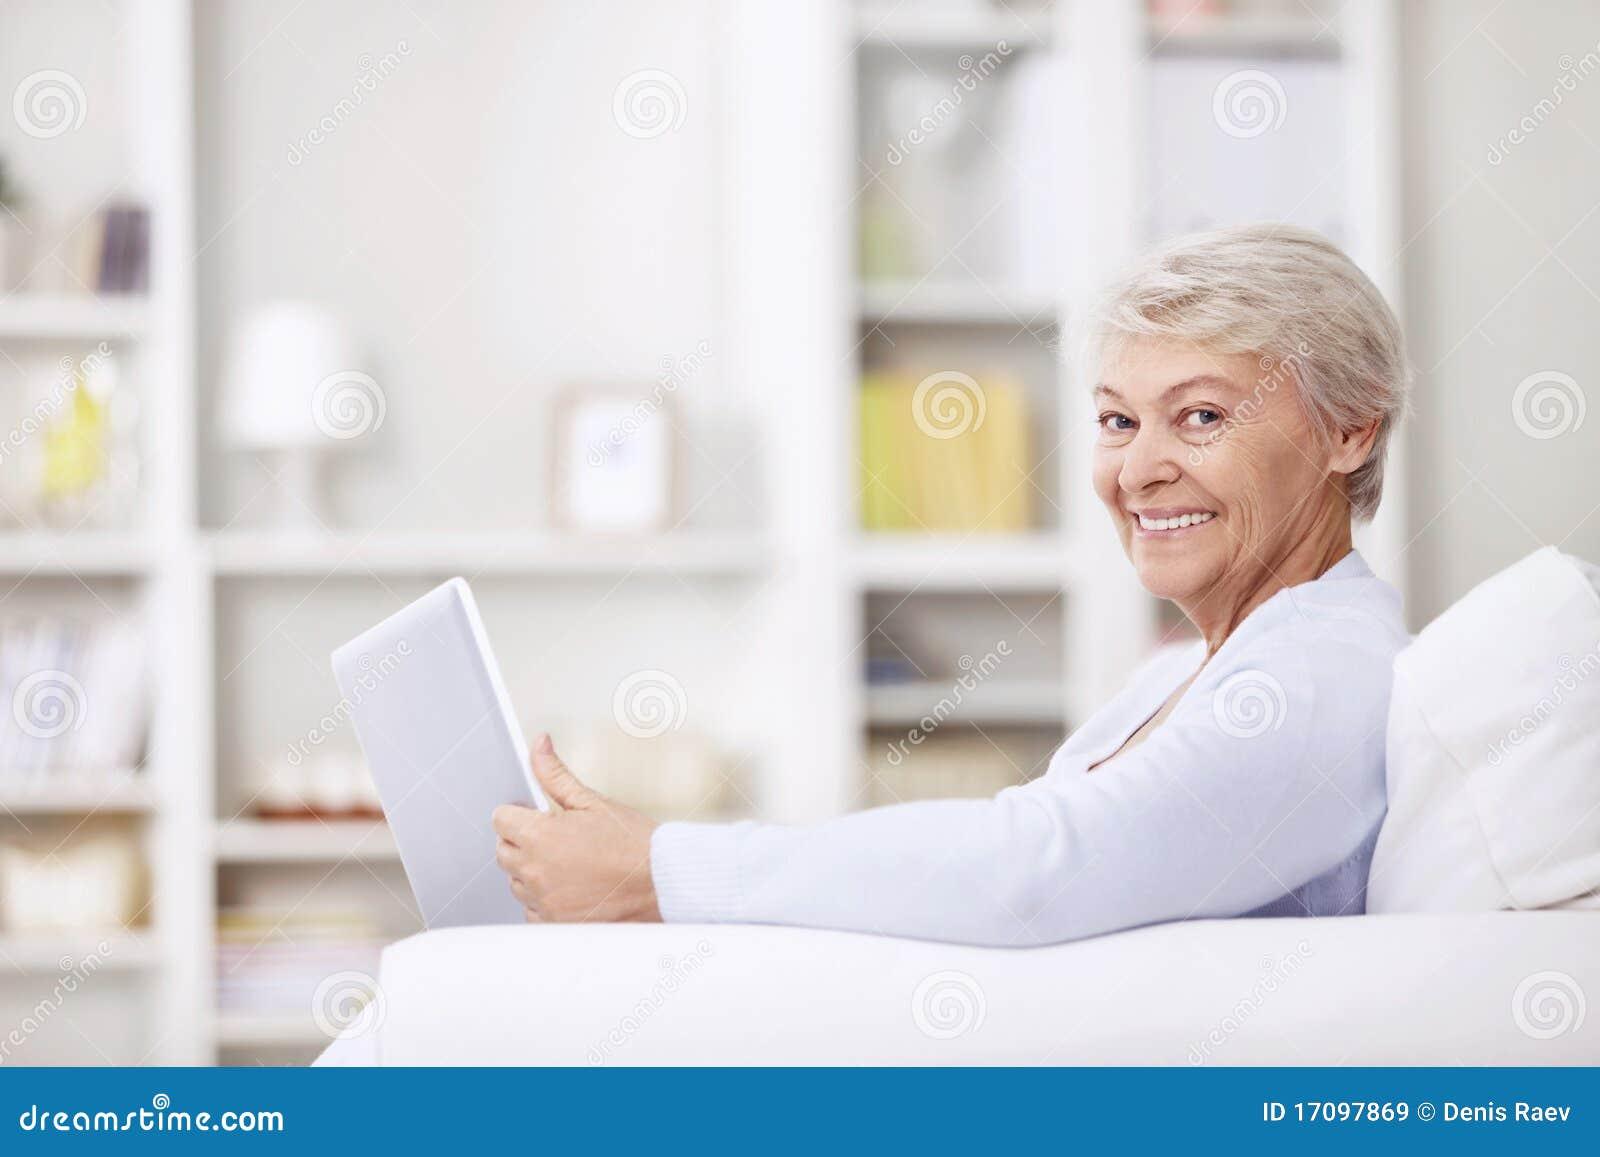 Χαμογελώντας ηλικιωμένη γυναίκα στο σπίτι